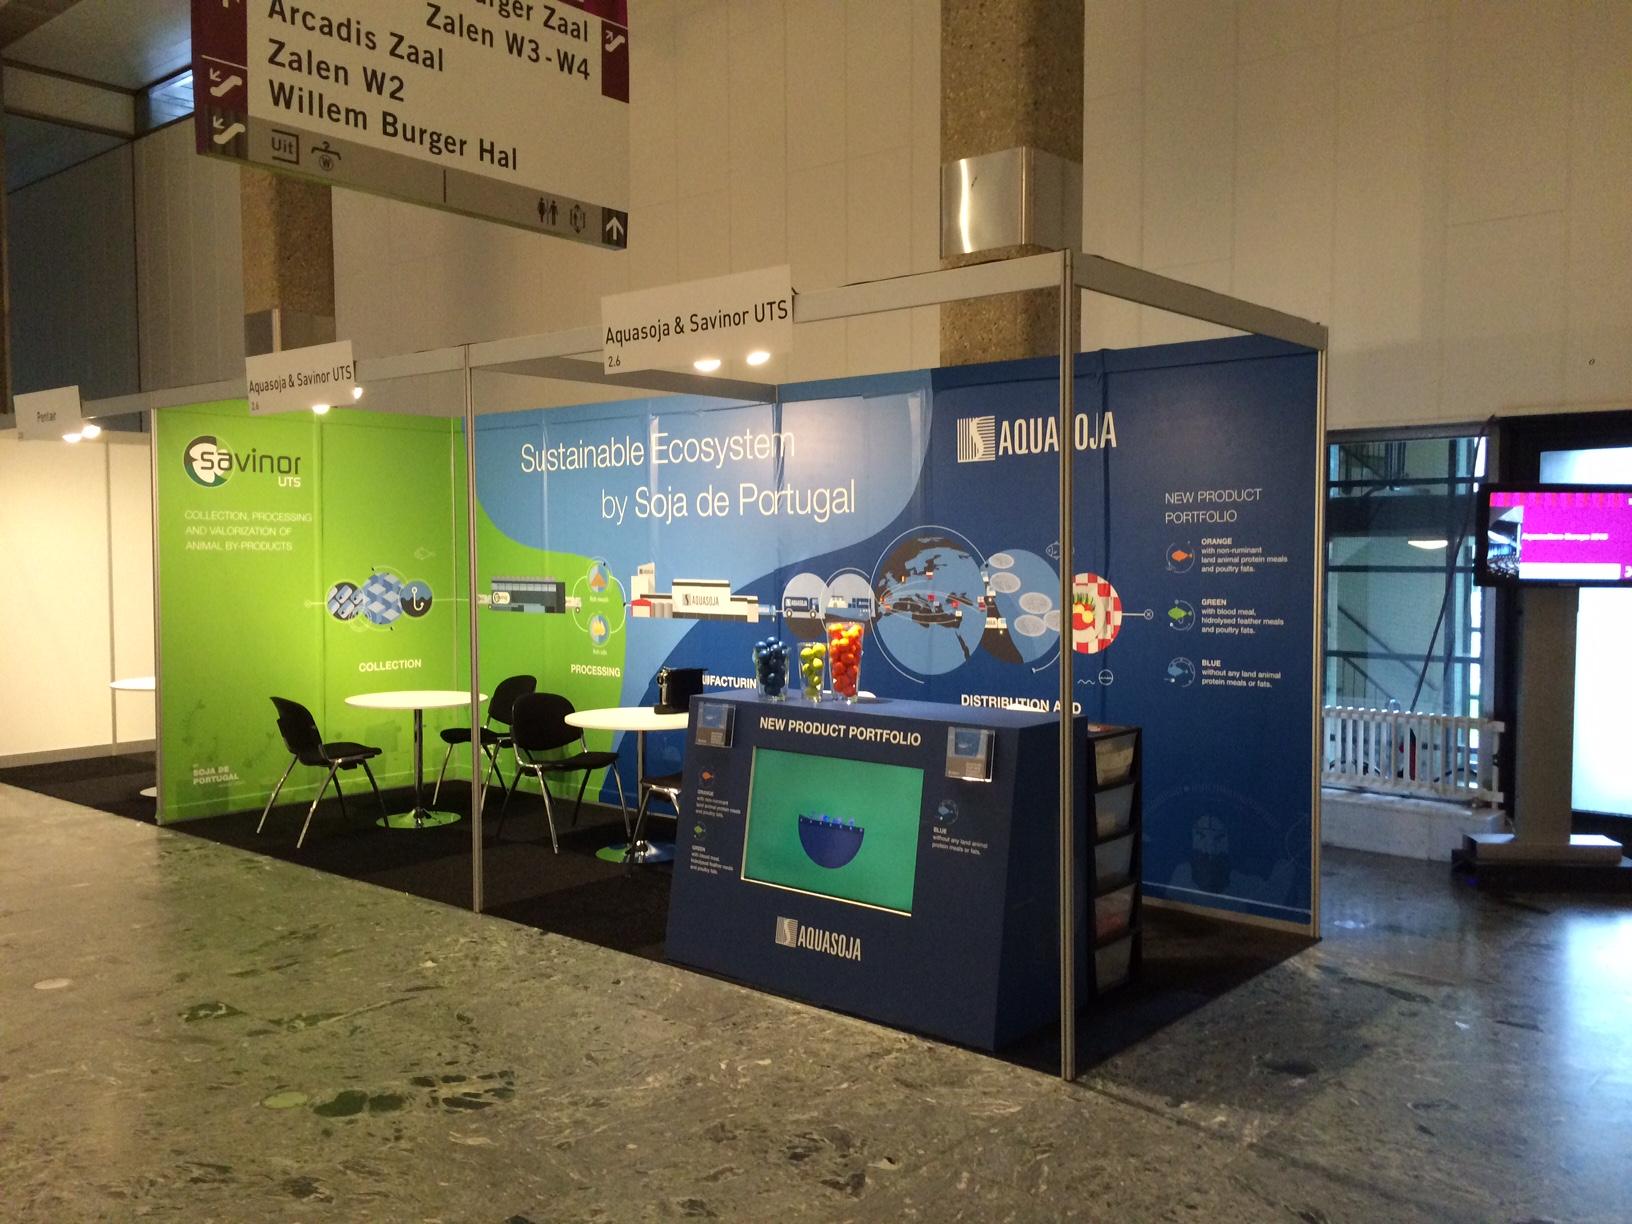 AQUASOJA e SAVINOR UTS juntam-se em Roterdão para participarem na Sociedade Europeia de Aquacultura